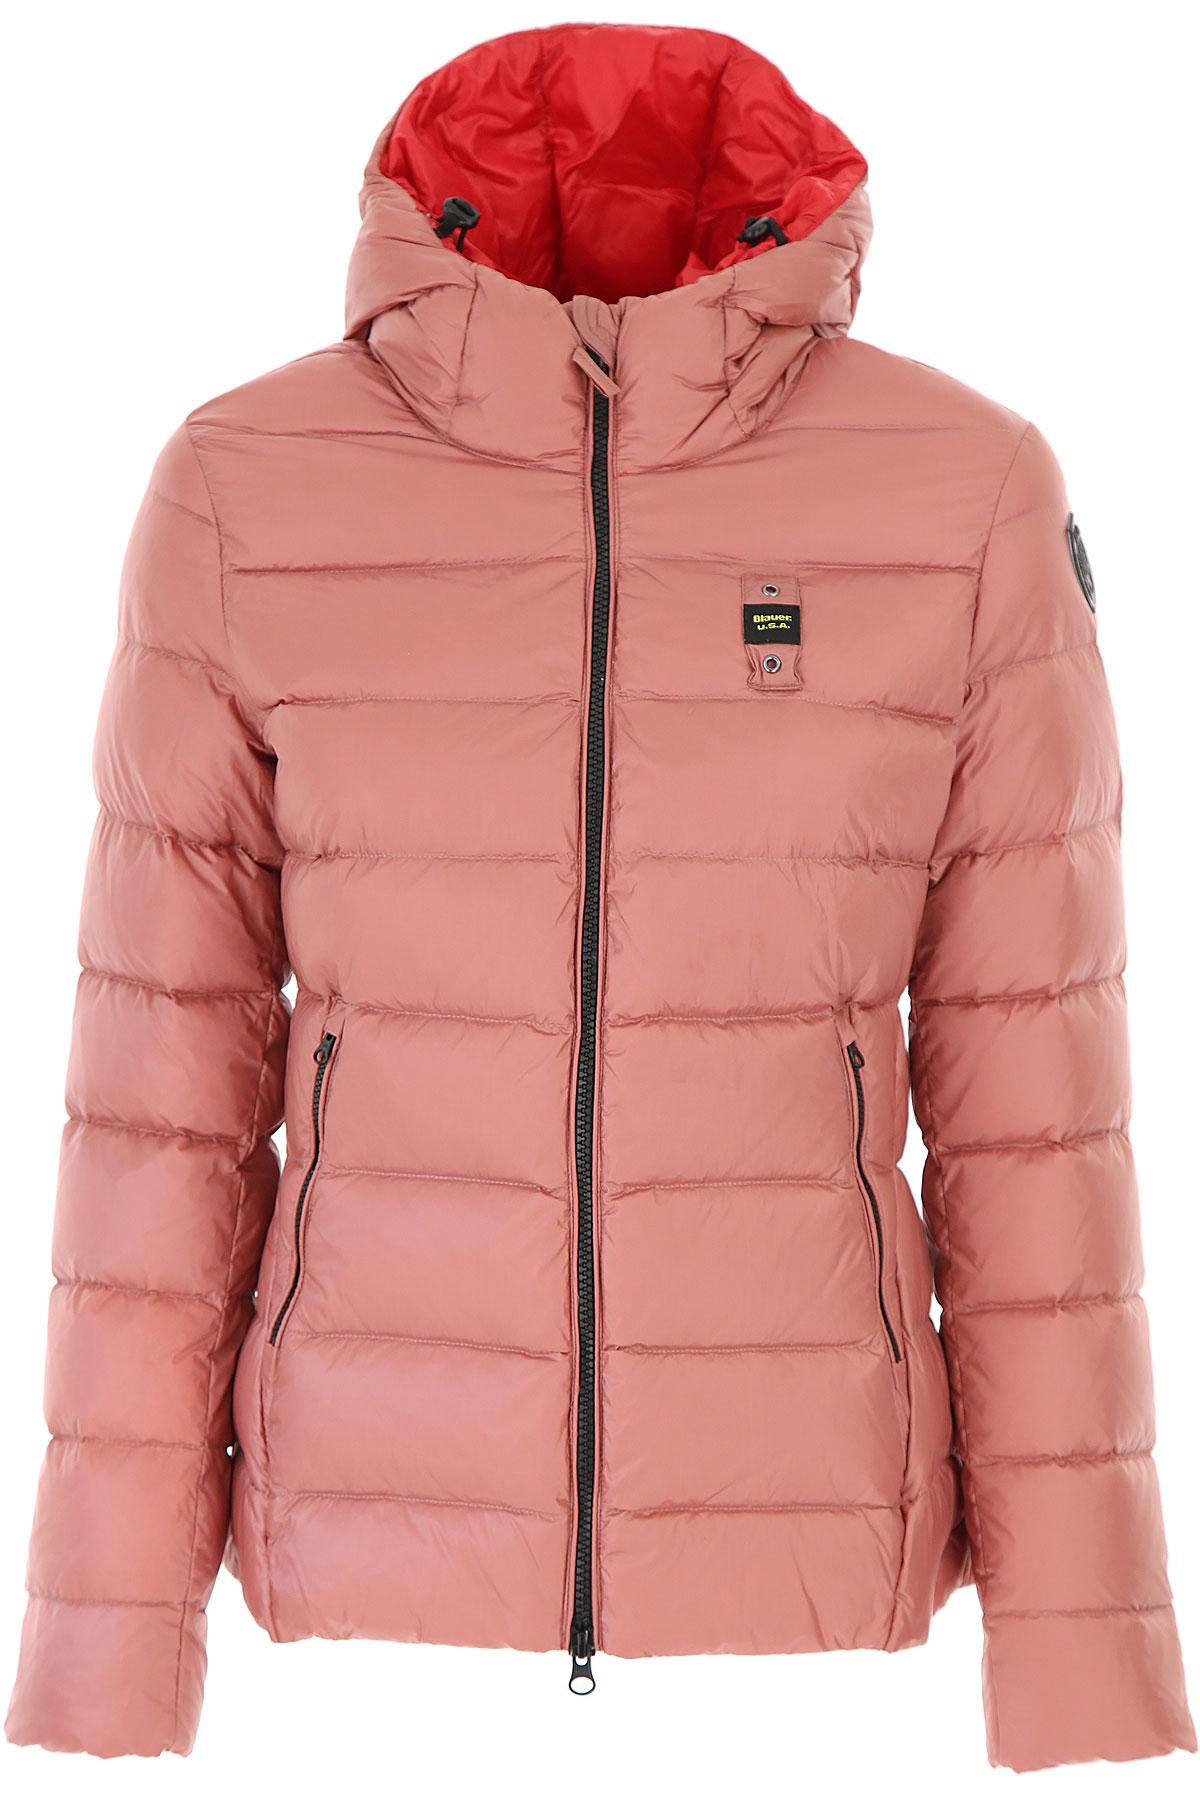 Blauer Down Jacket for Women, Puffer Ski Jacket On Sale, Blush Rose, polyamide, 2019, 2 4 6 8